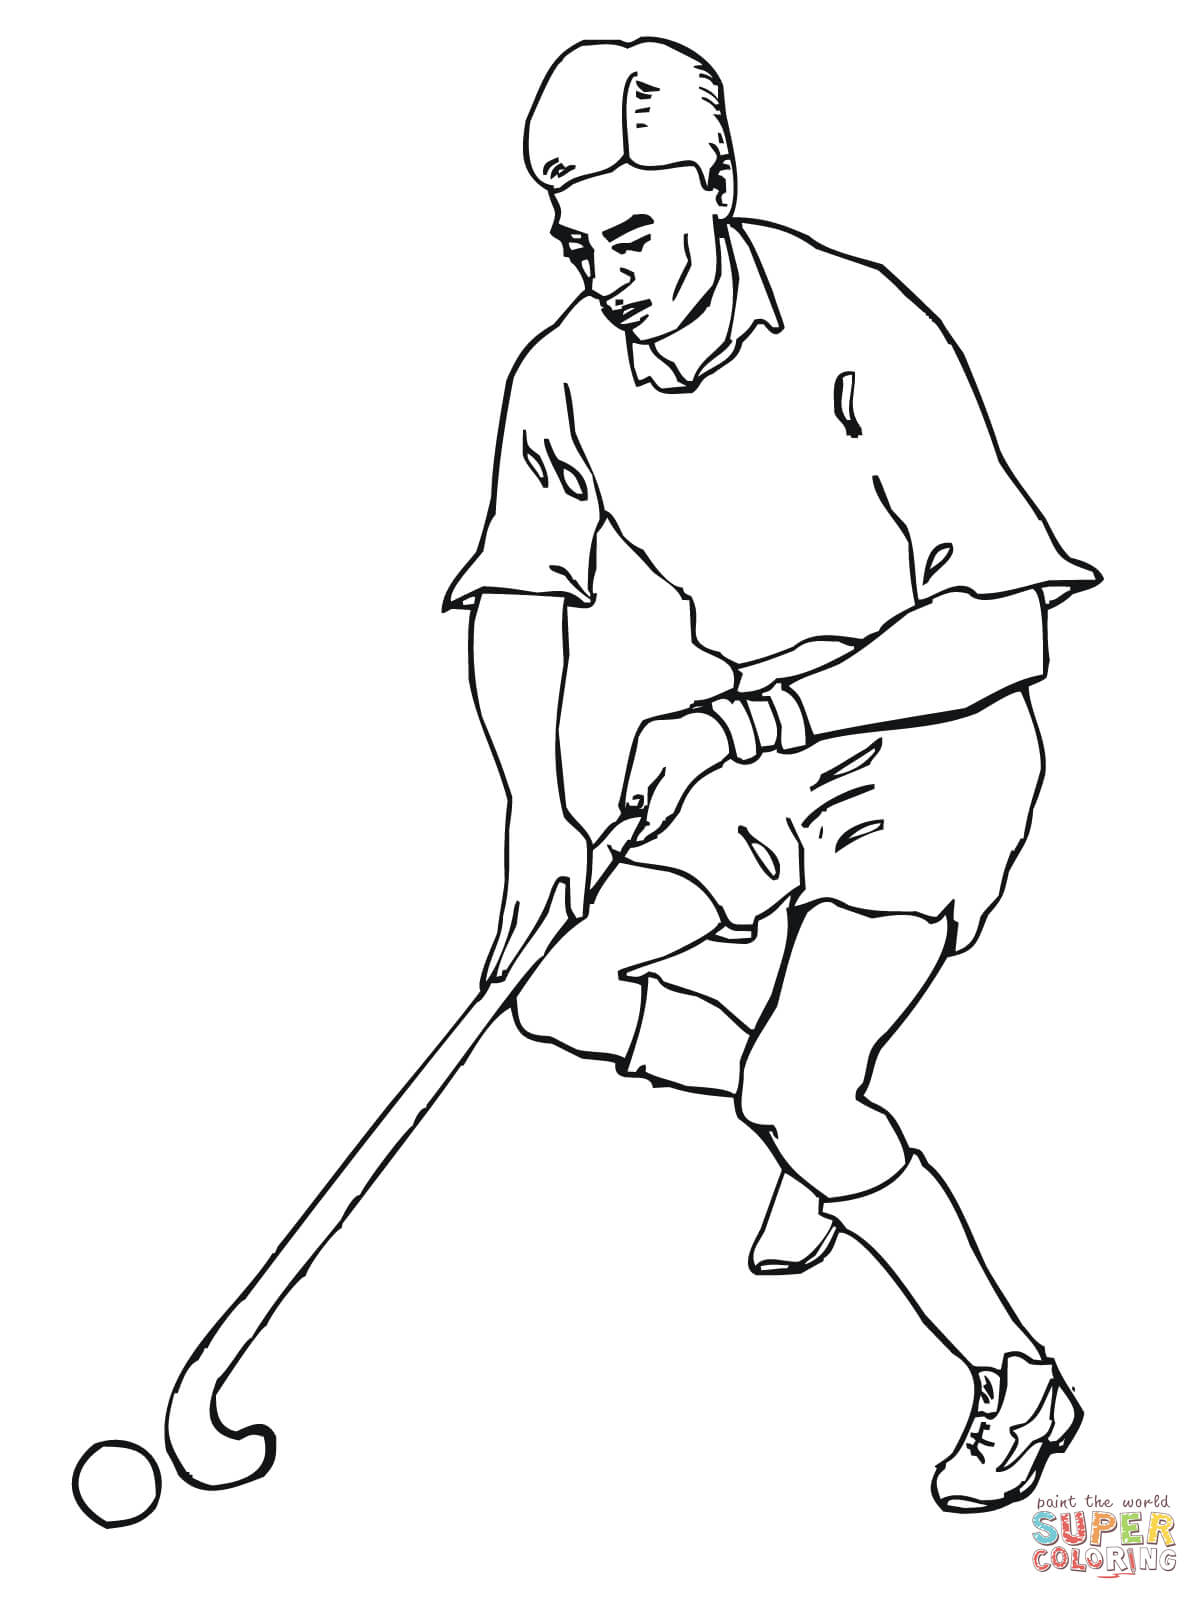 Hockey Players Drawing At Getdrawings